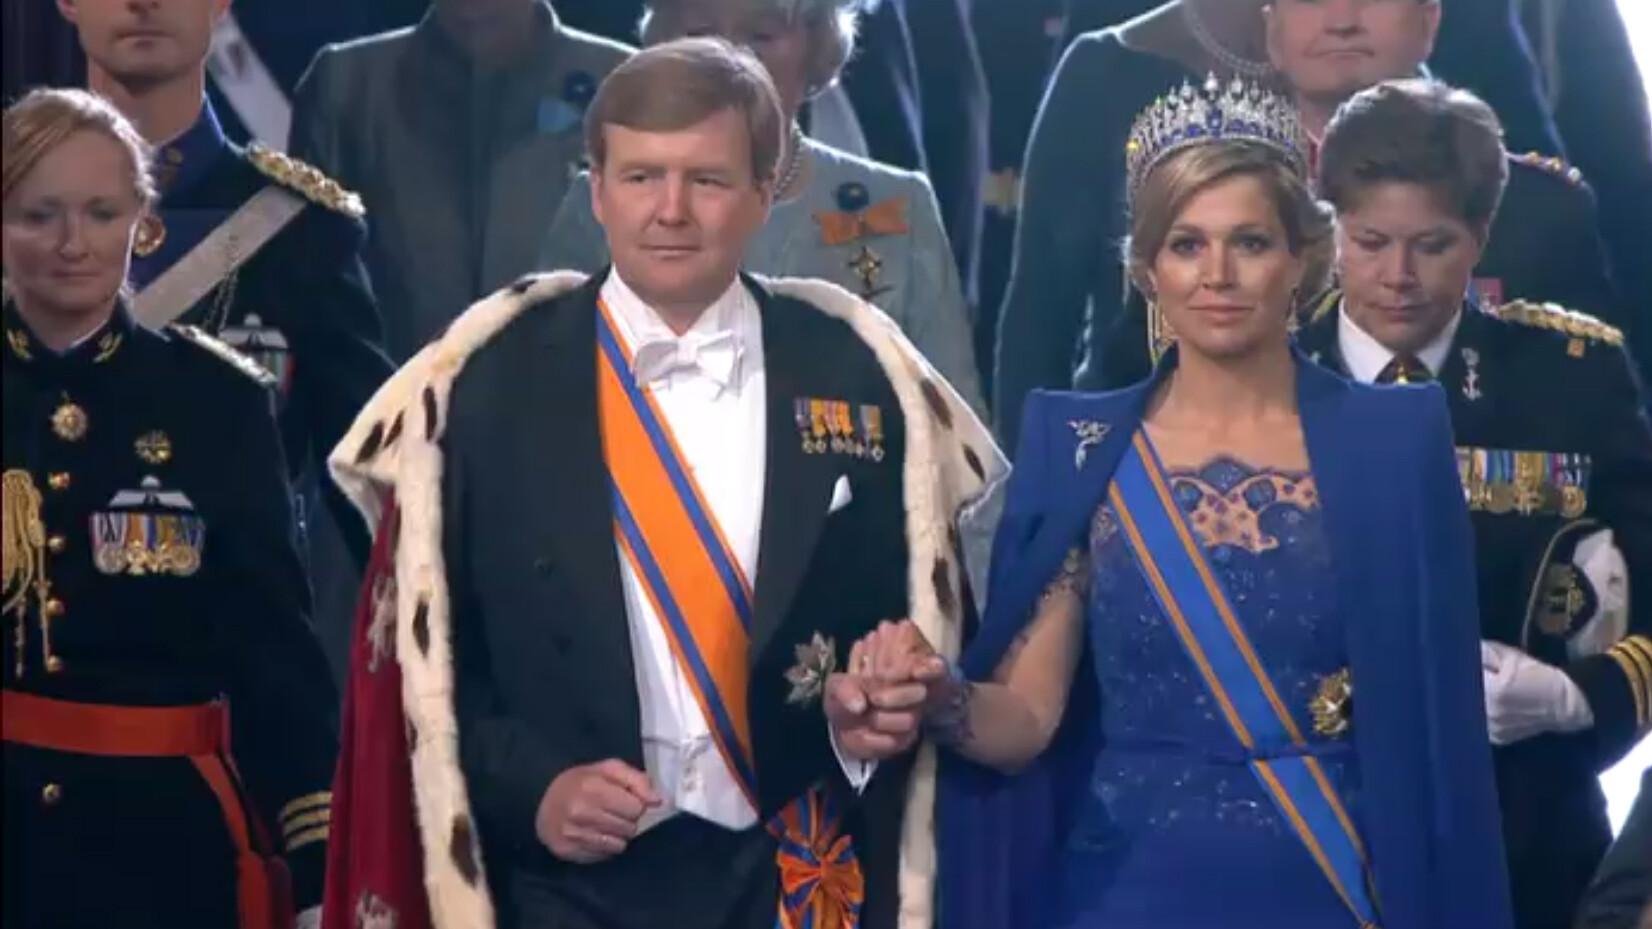 wanneer is onze koning jarig Schooltv: Waarom heeft onze koning geen kroon op?   In Nederland  wanneer is onze koning jarig